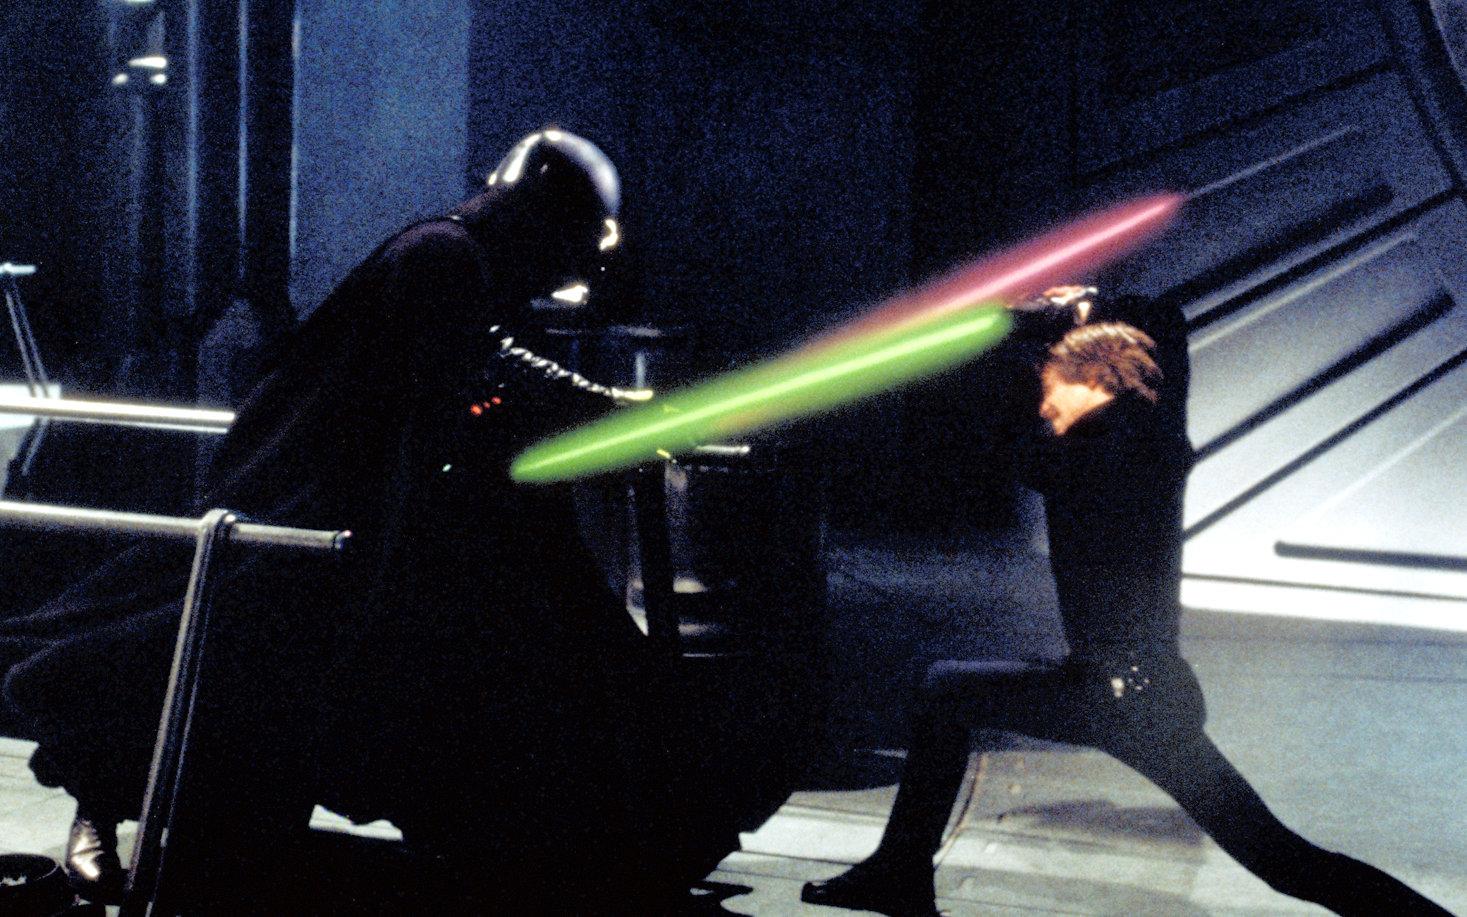 https://i1.wp.com/media.al.com/entertainment-times/photo/star-wars-episode-vi-the-fight-d75ec975097a50bc.jpg